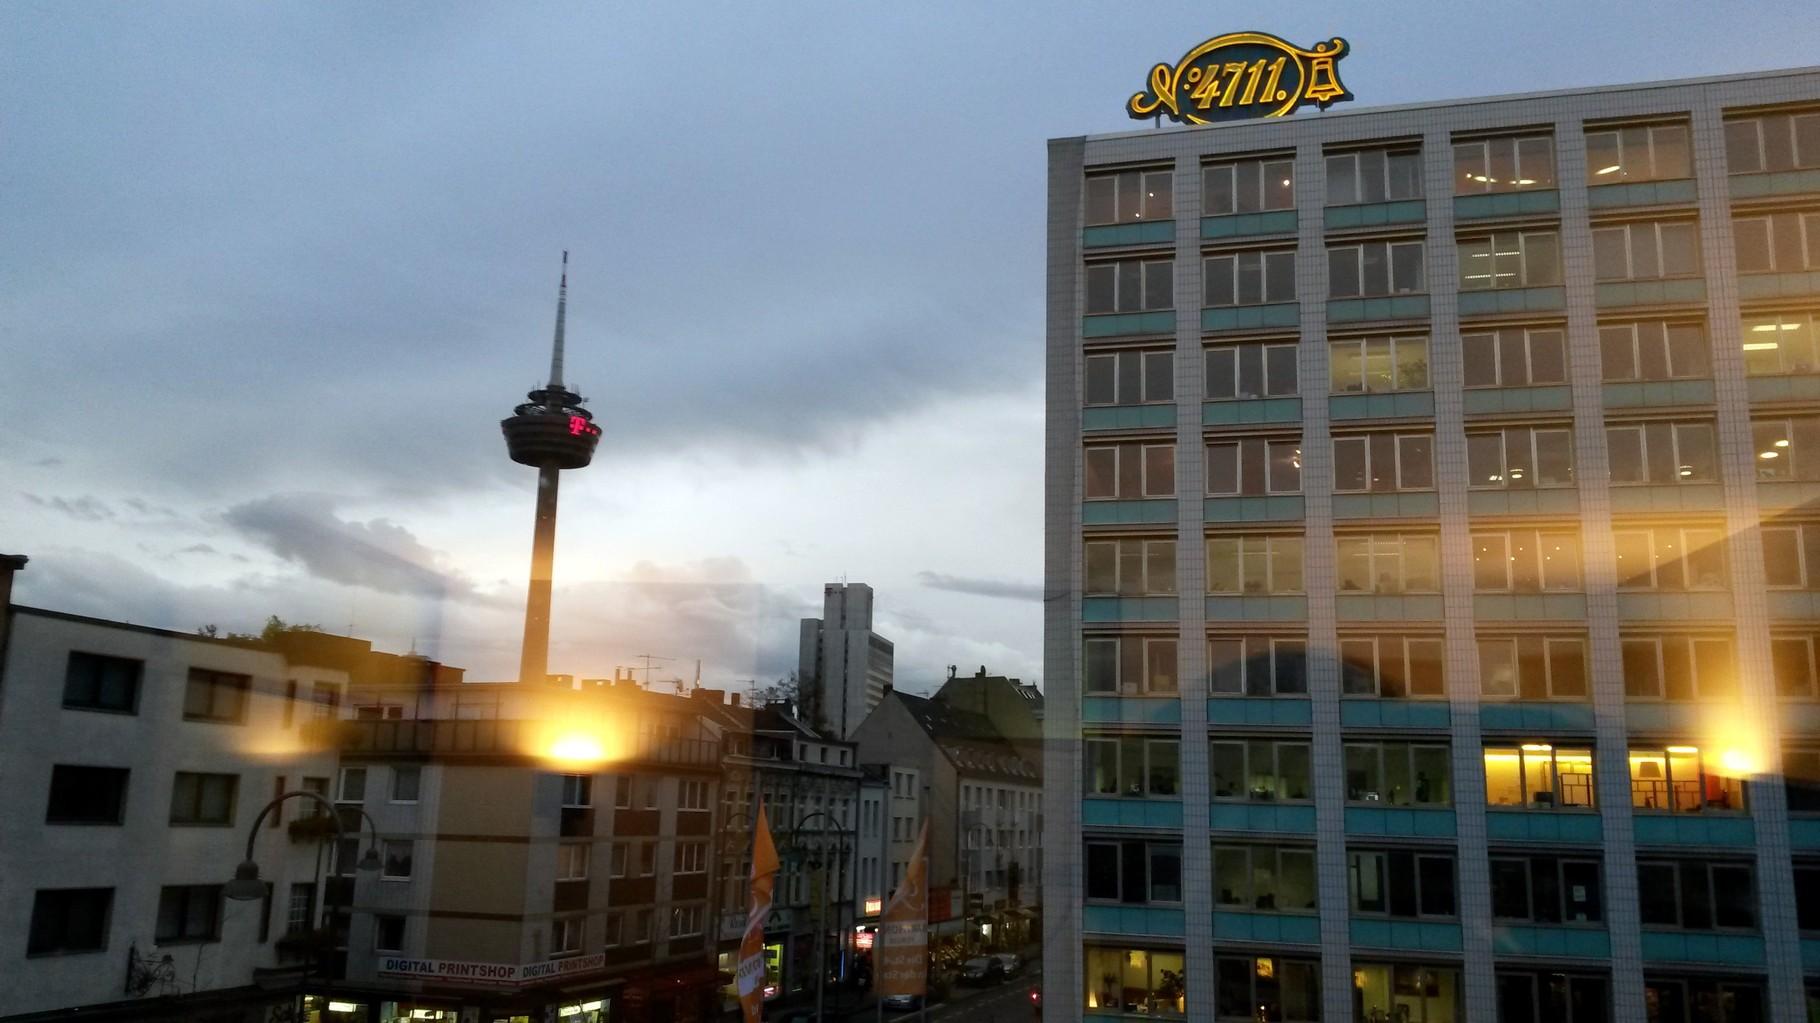 Stadtführung Ehrenfeld - Blick auf die ehemalige 4711-Verwaltung und den Kölner Fernsehturm